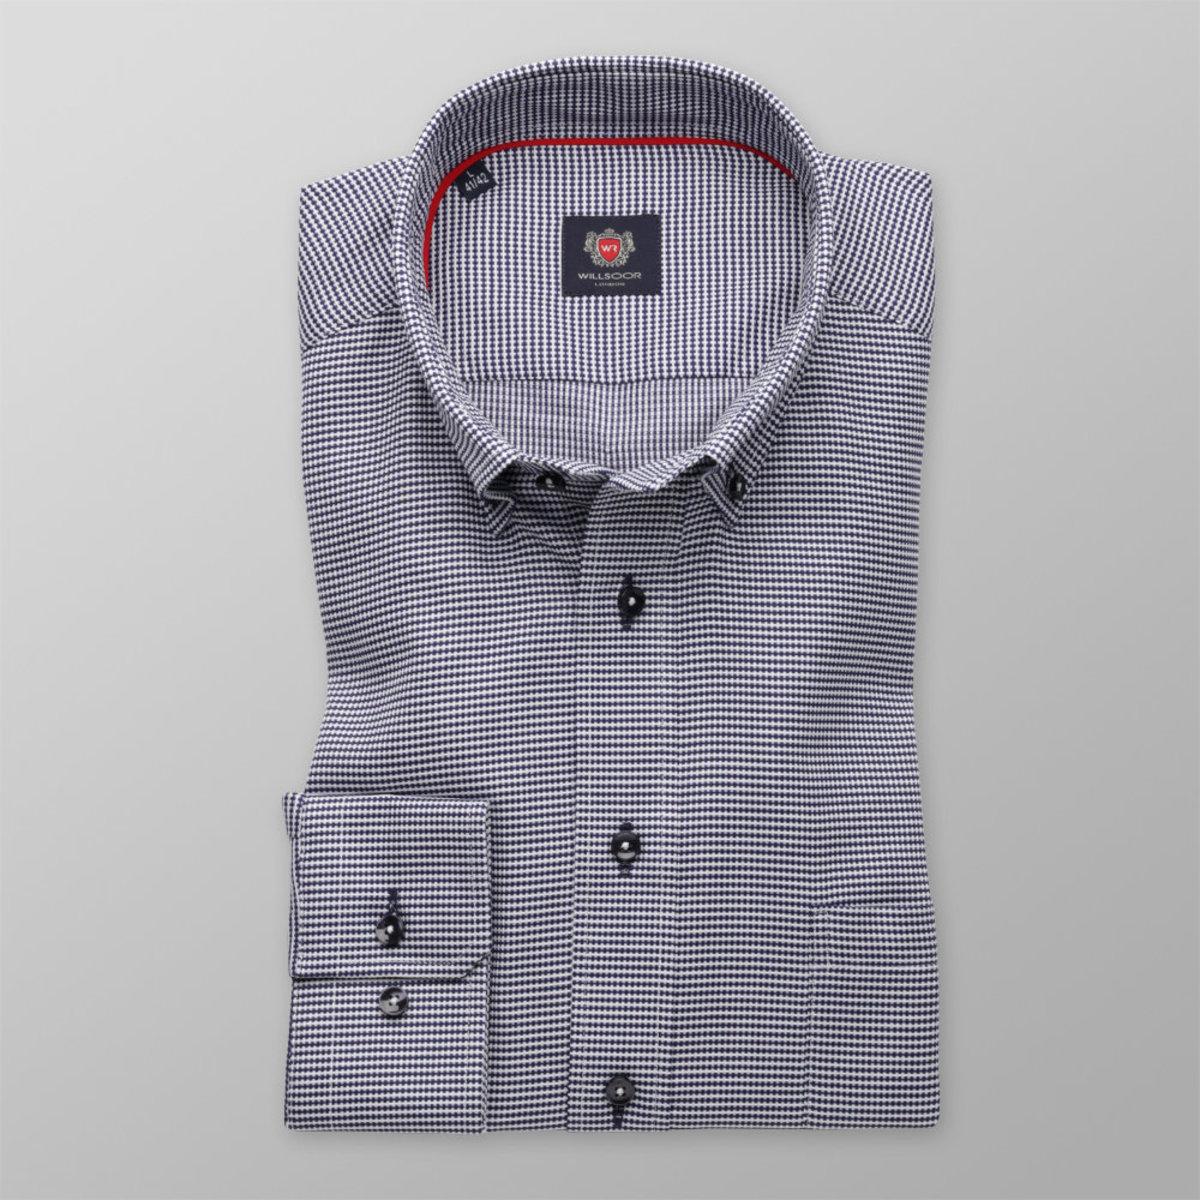 Pánská klasická košile London (výška 176-182) 8590 se vzorem a úpravou easy care 176-182 / L (41/42)